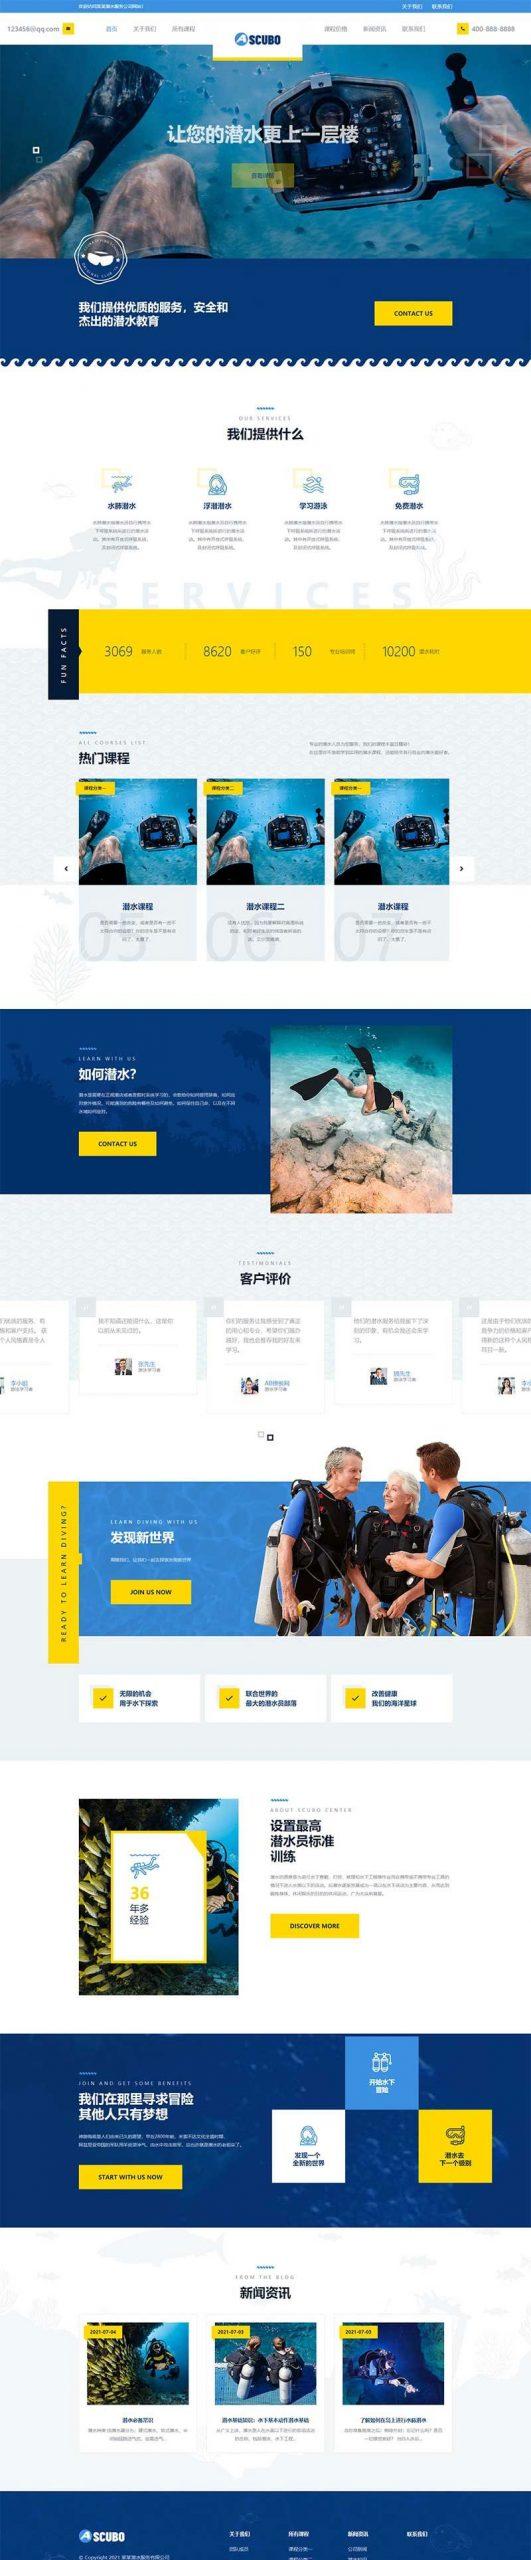 图片[1]-响应式水上运动设备潜水服务公司网站源码 织梦dedecms模板 自适应手机端-大鹏资源网